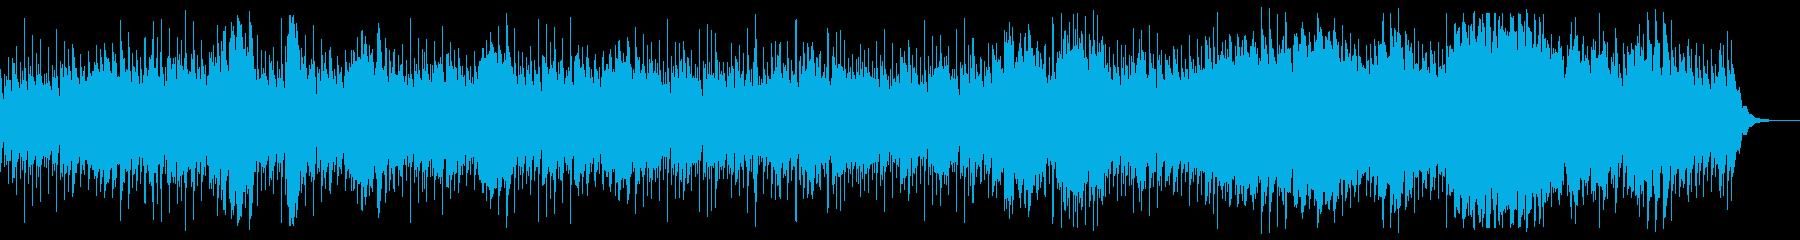 海中の原始的な生物をイメージした曲の再生済みの波形